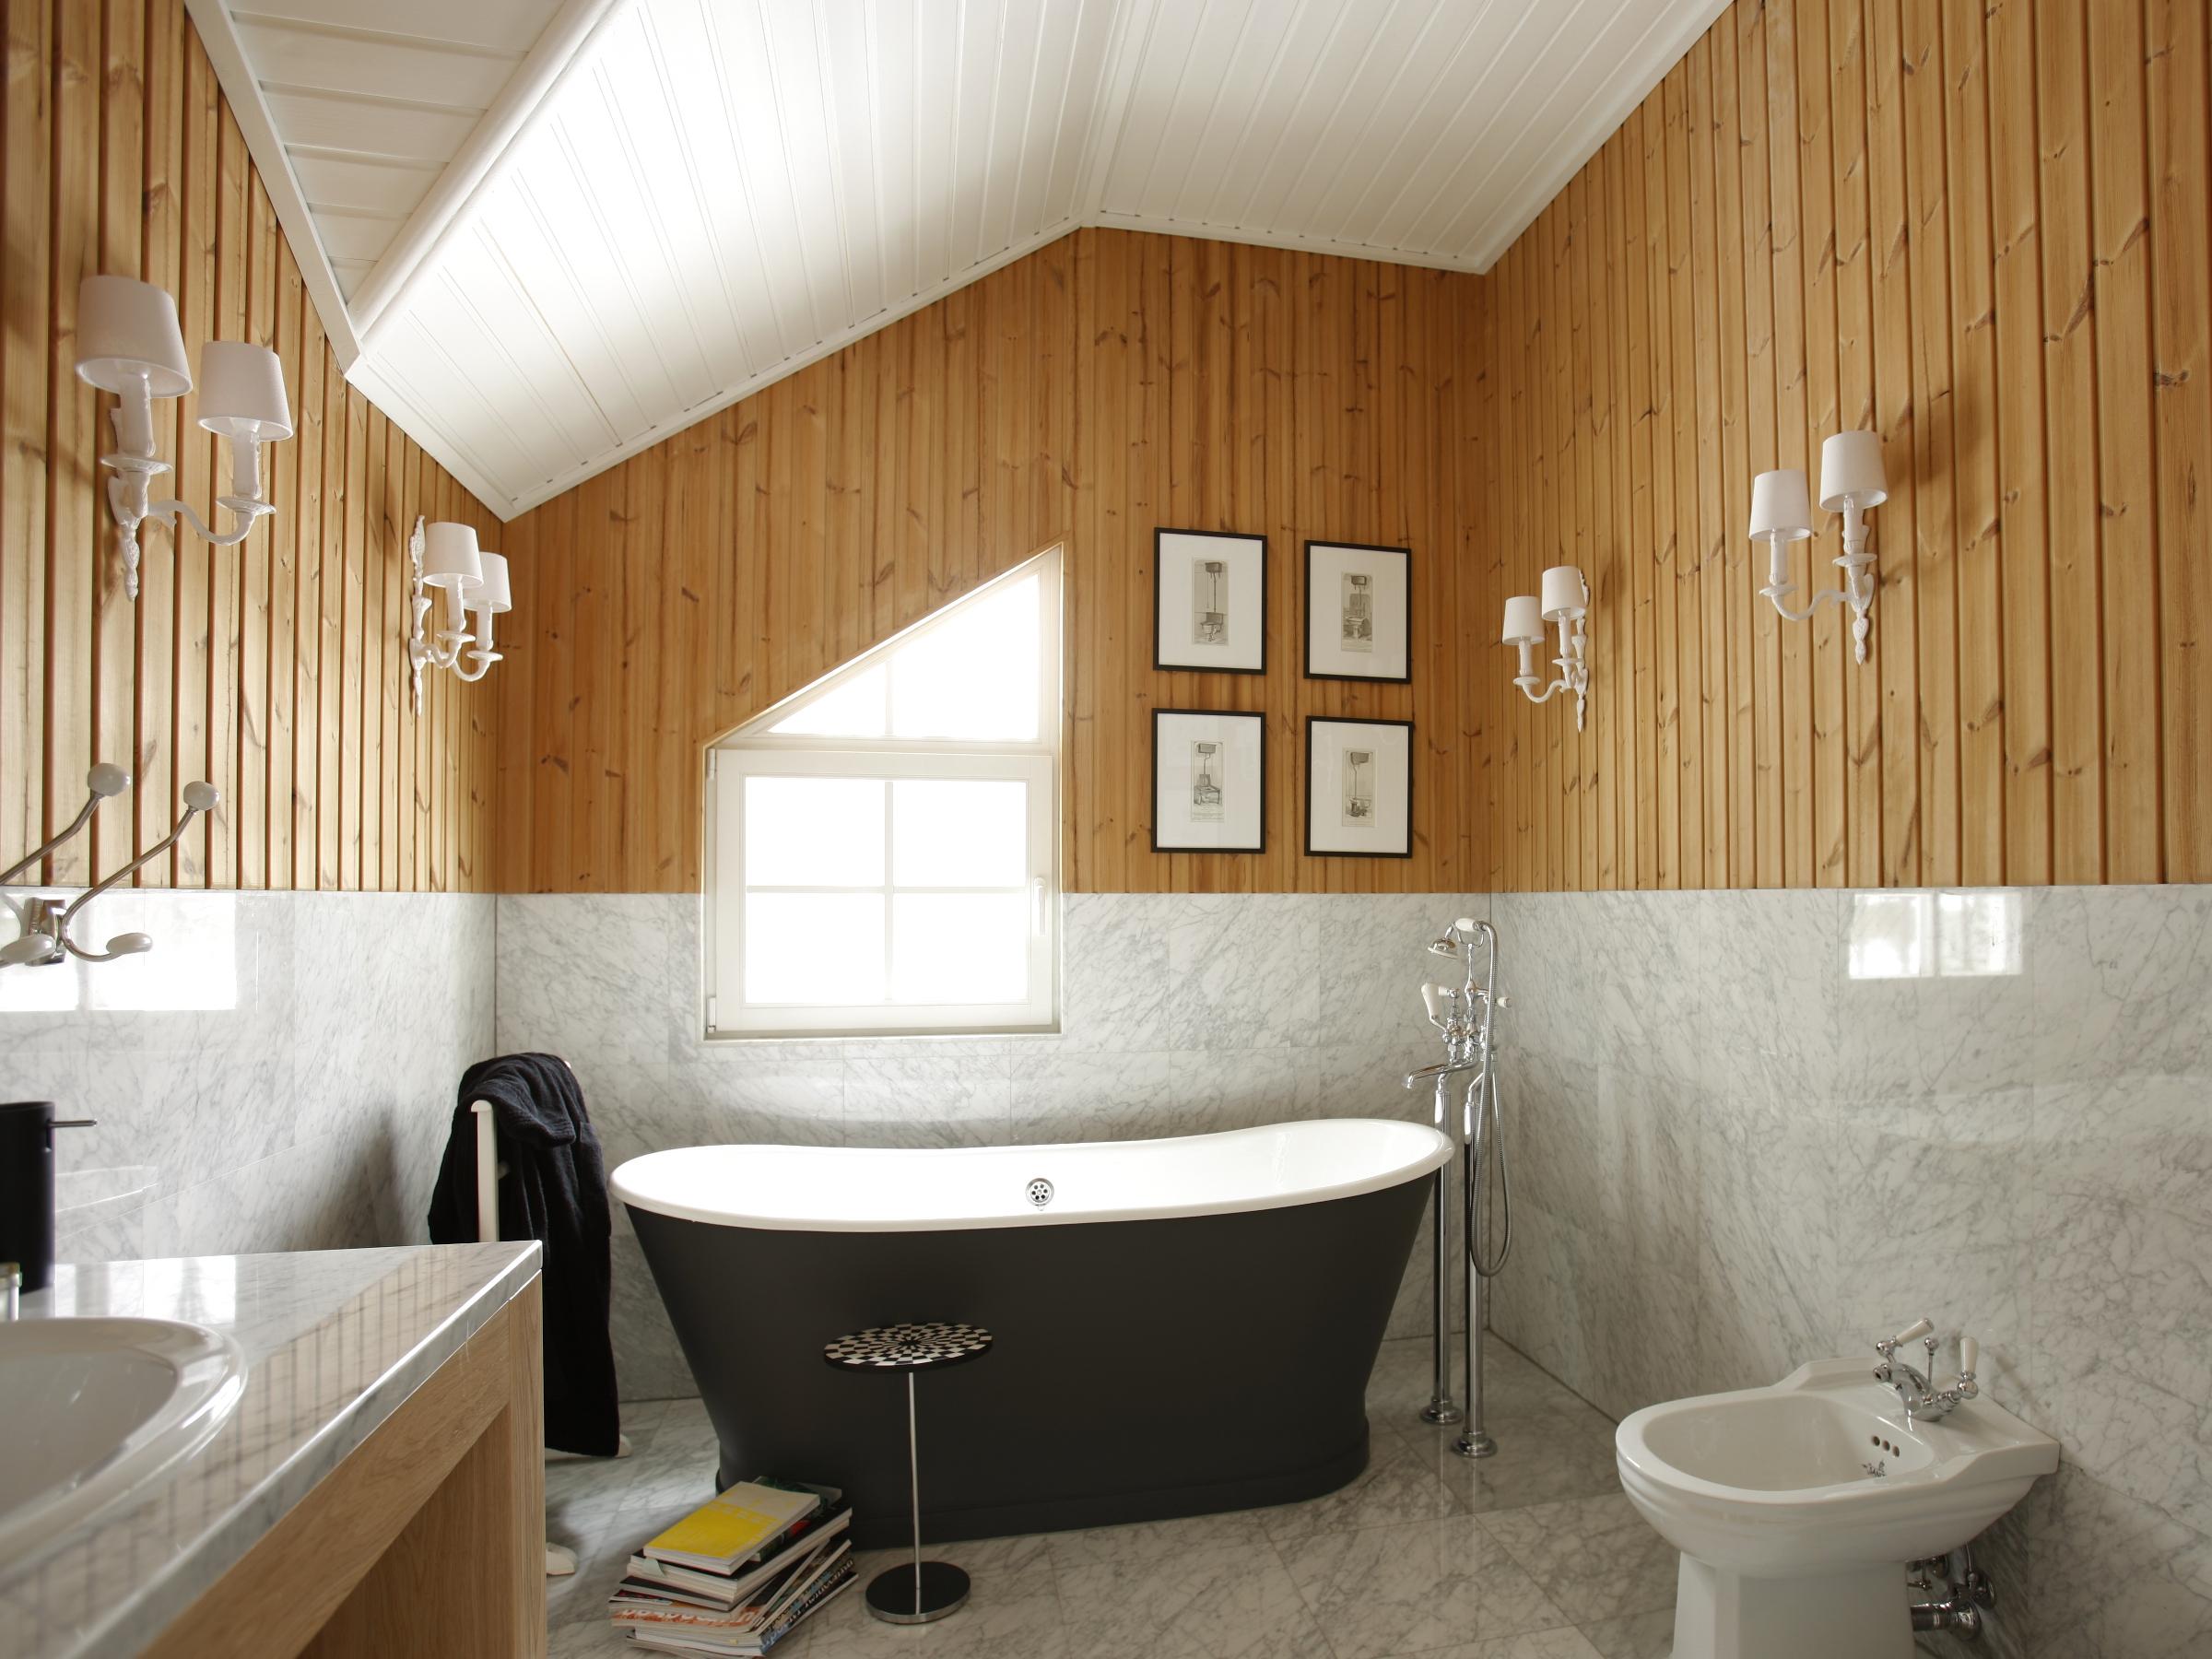 Евровагонка в интерьере ванной